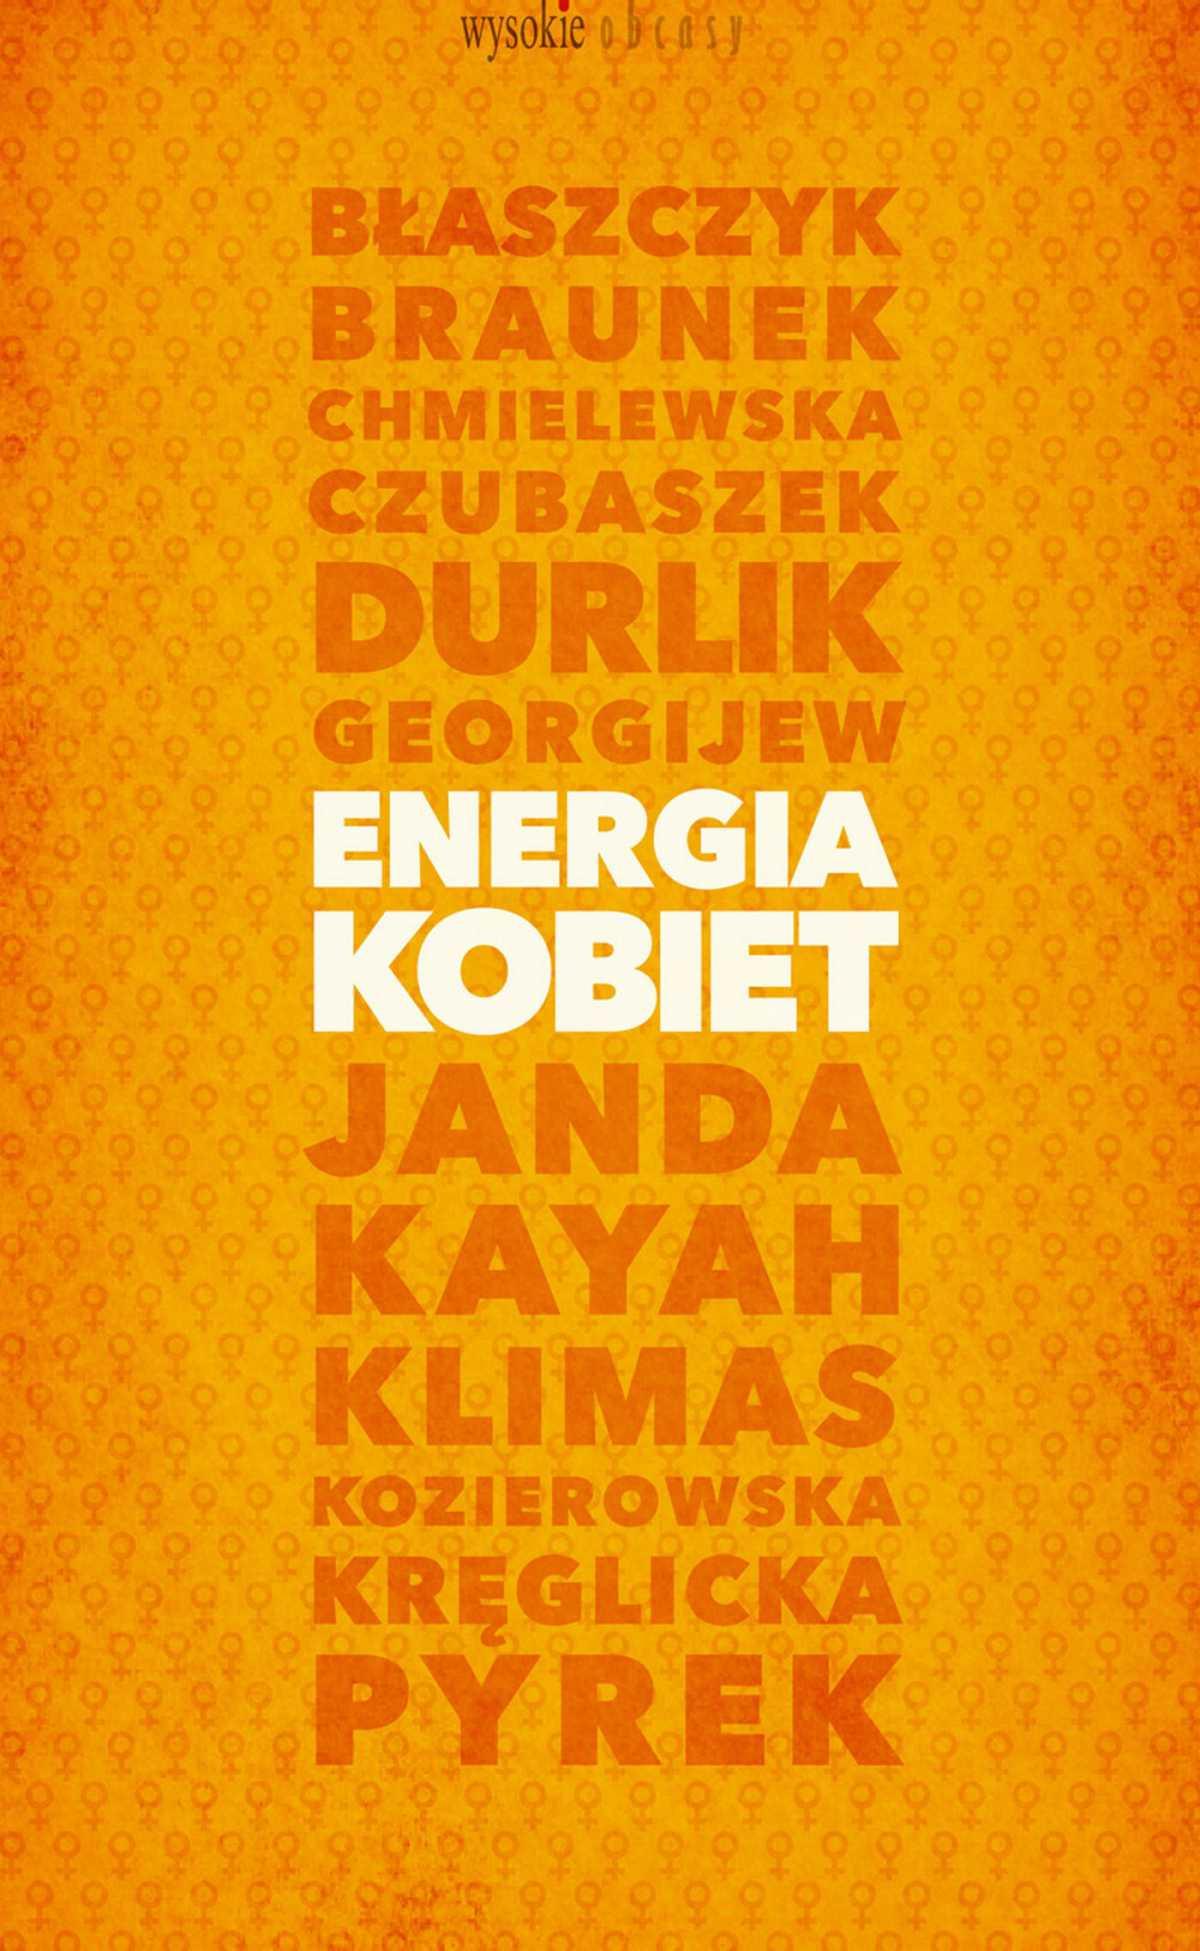 Energia kobiet - Ebook (Książka EPUB) do pobrania w formacie EPUB